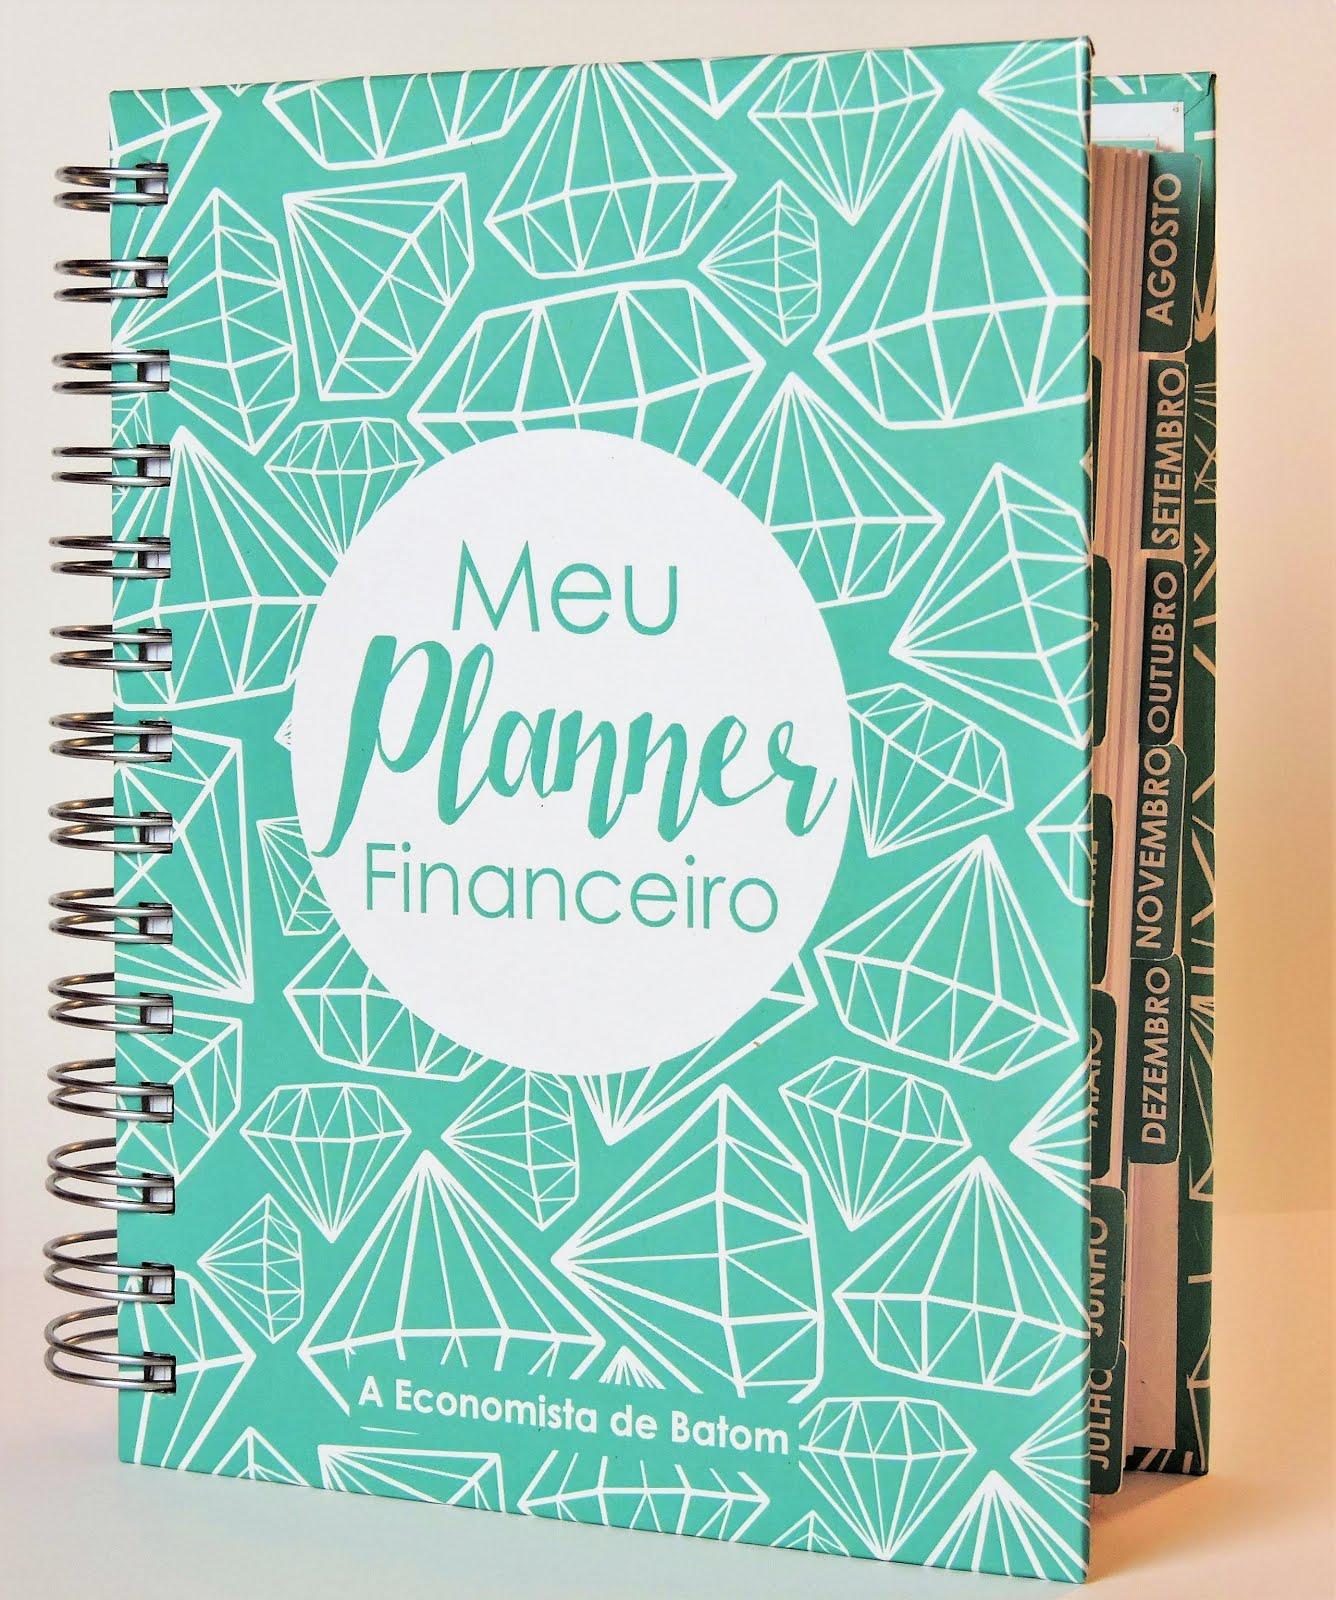 Meu Planner Financeiro